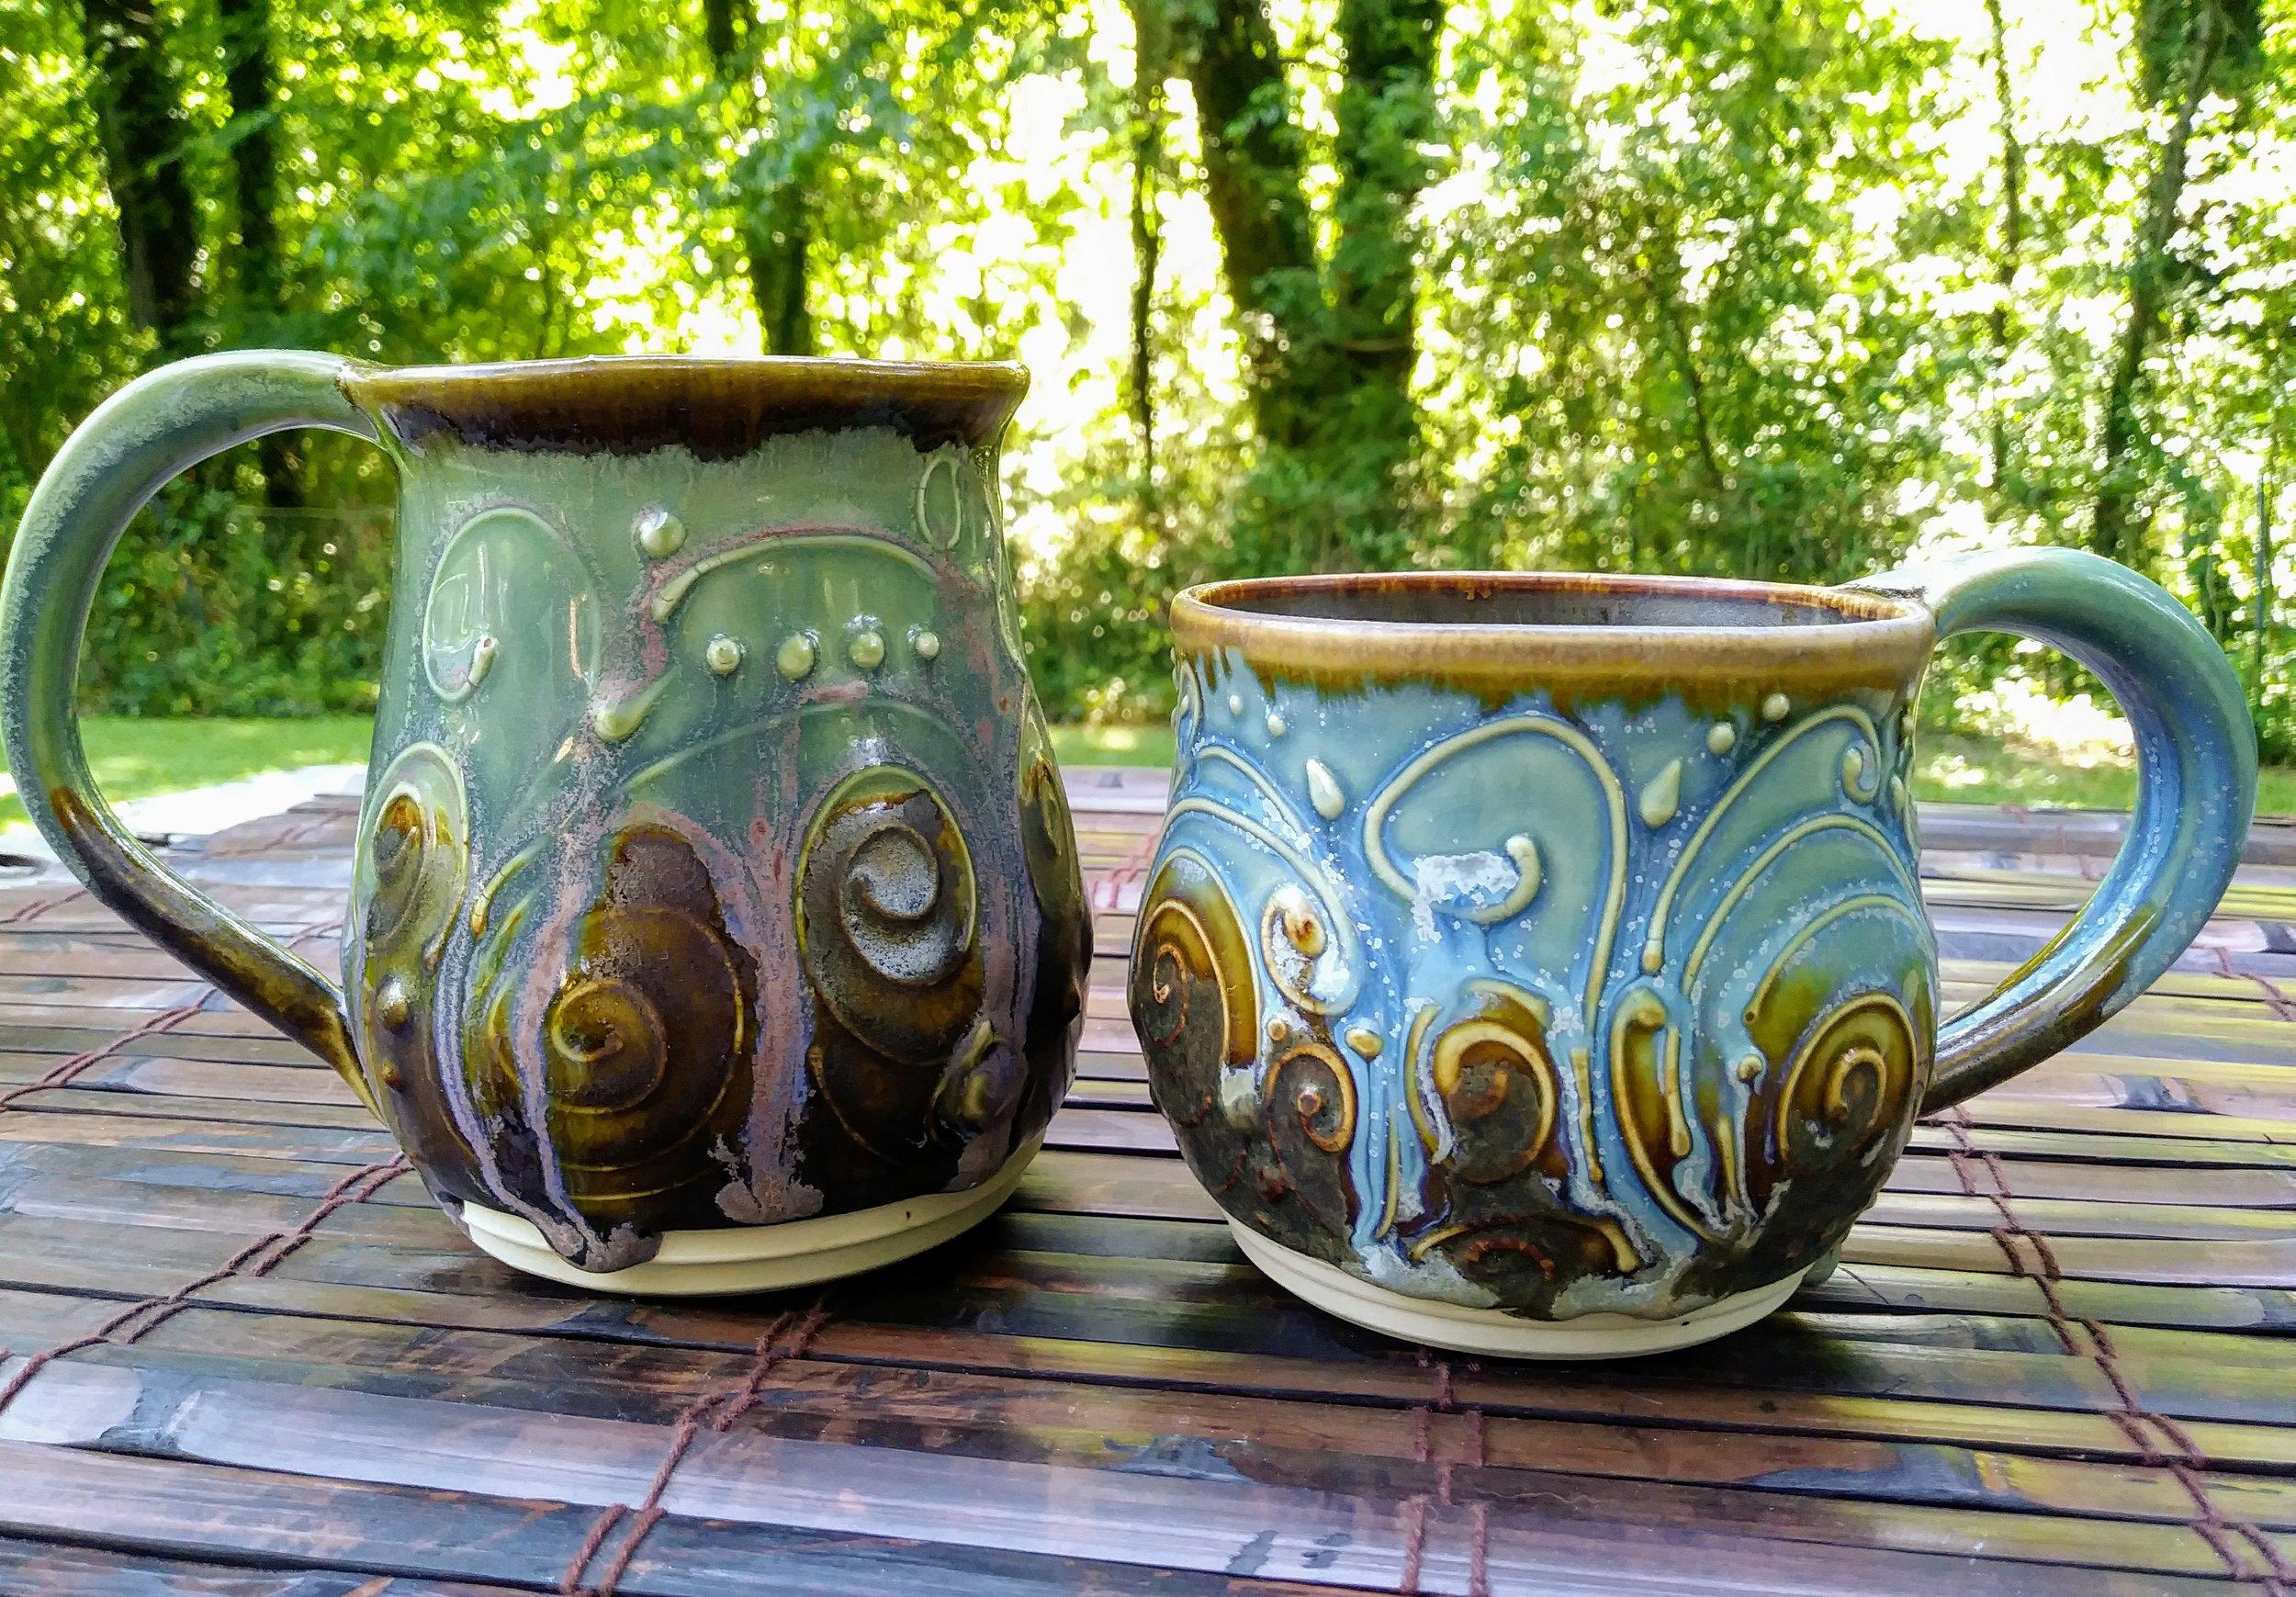 Dyel Pottery